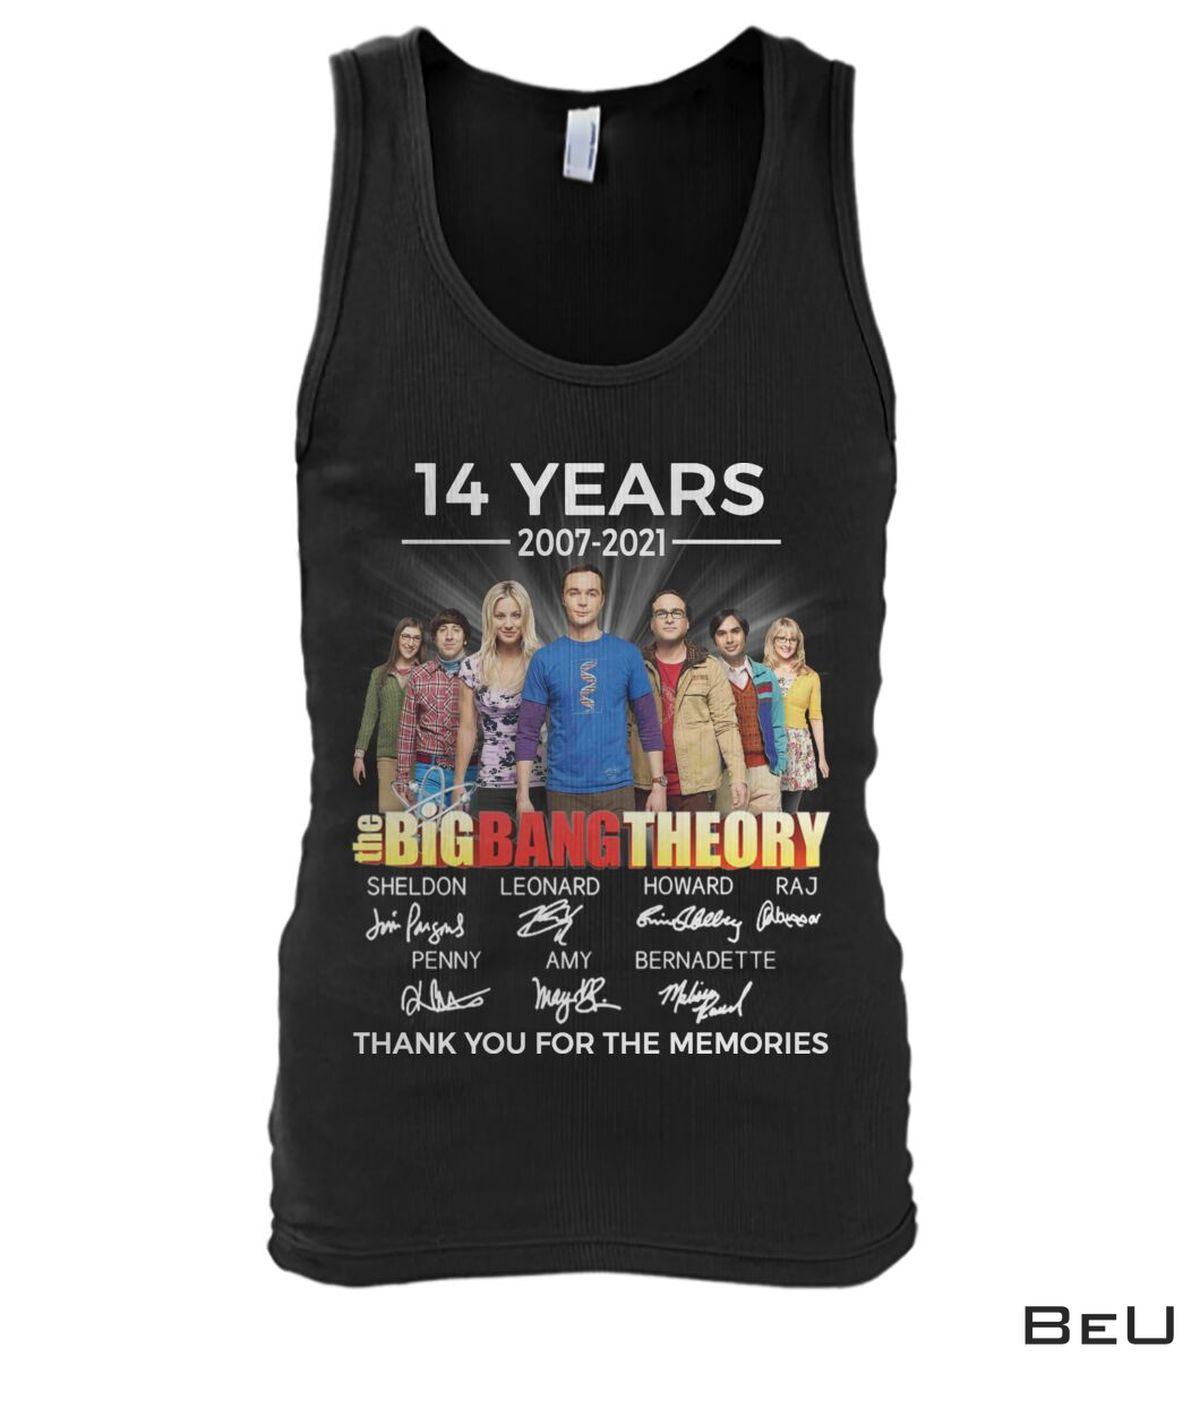 US Shop The Big Bang Theory 14 Years 2007 2021 Shirt, hoodie, tank top